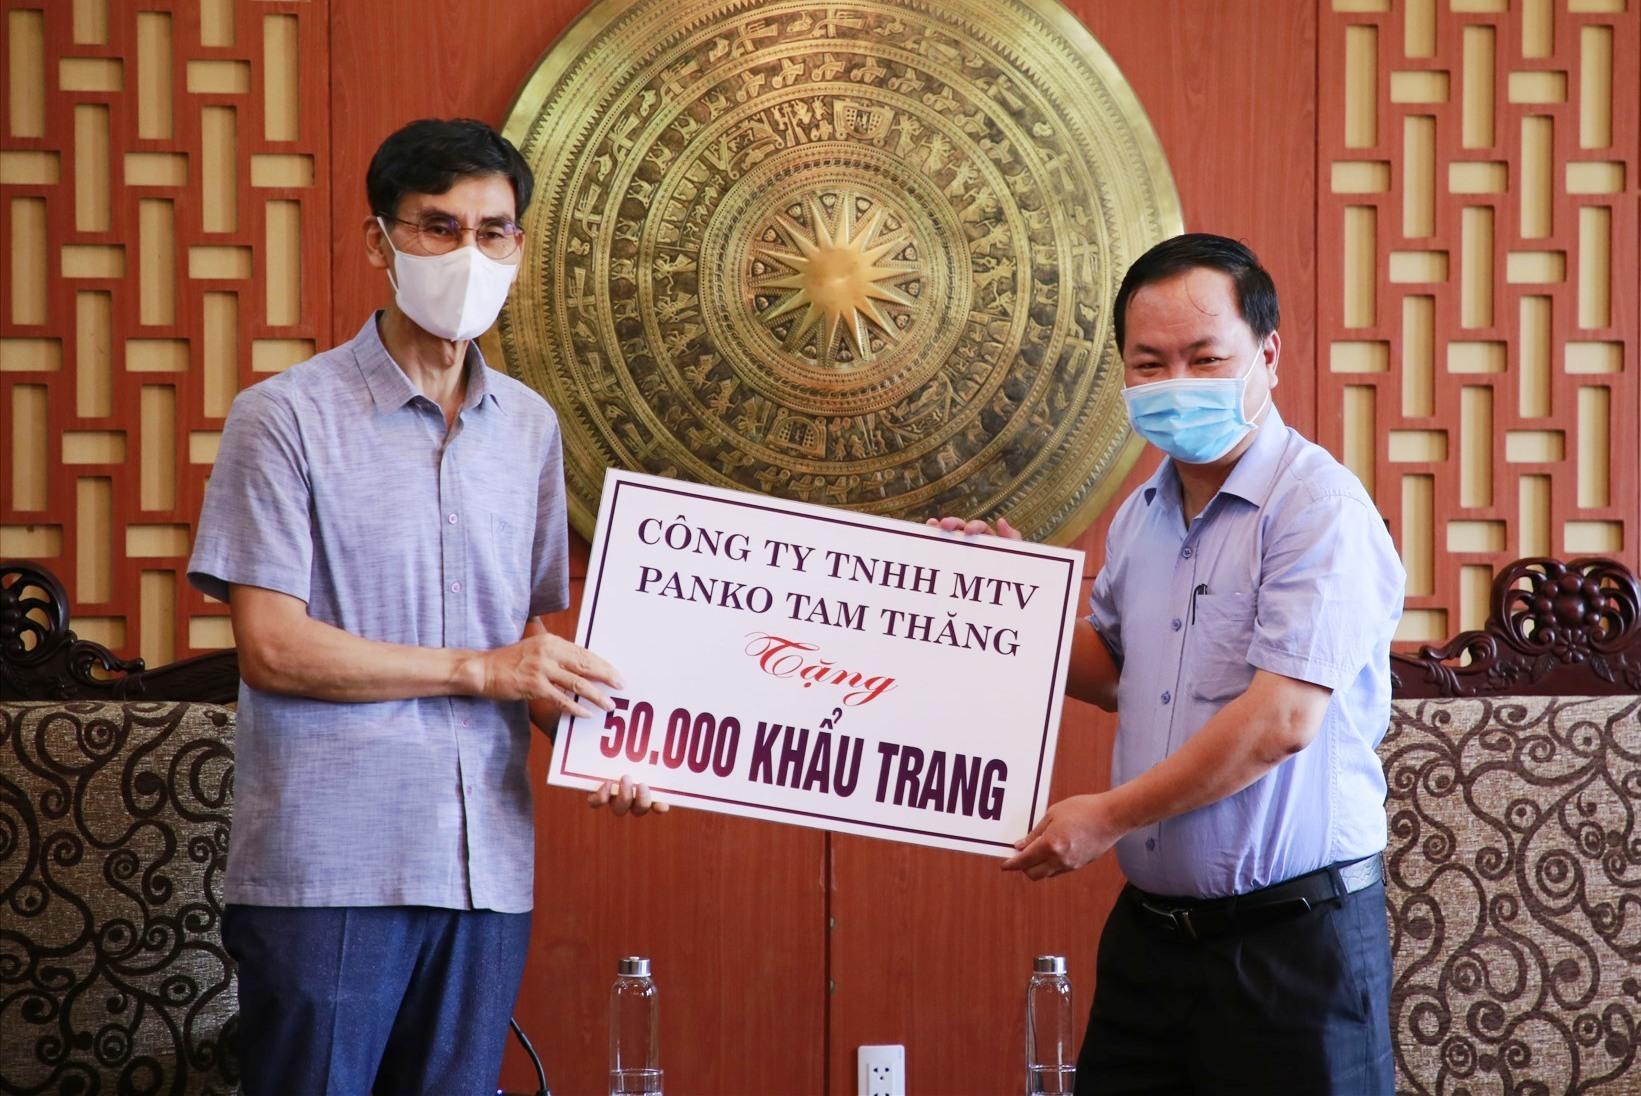 Ông Han Chul Joon - Tổng Giám đốc điều hành Công ty TNHH MTV Panko Tam Thăng tặng 50.000 khẩu trang khử khuẩn cho tỉnh Quảng Nam. Ảnh: T.C